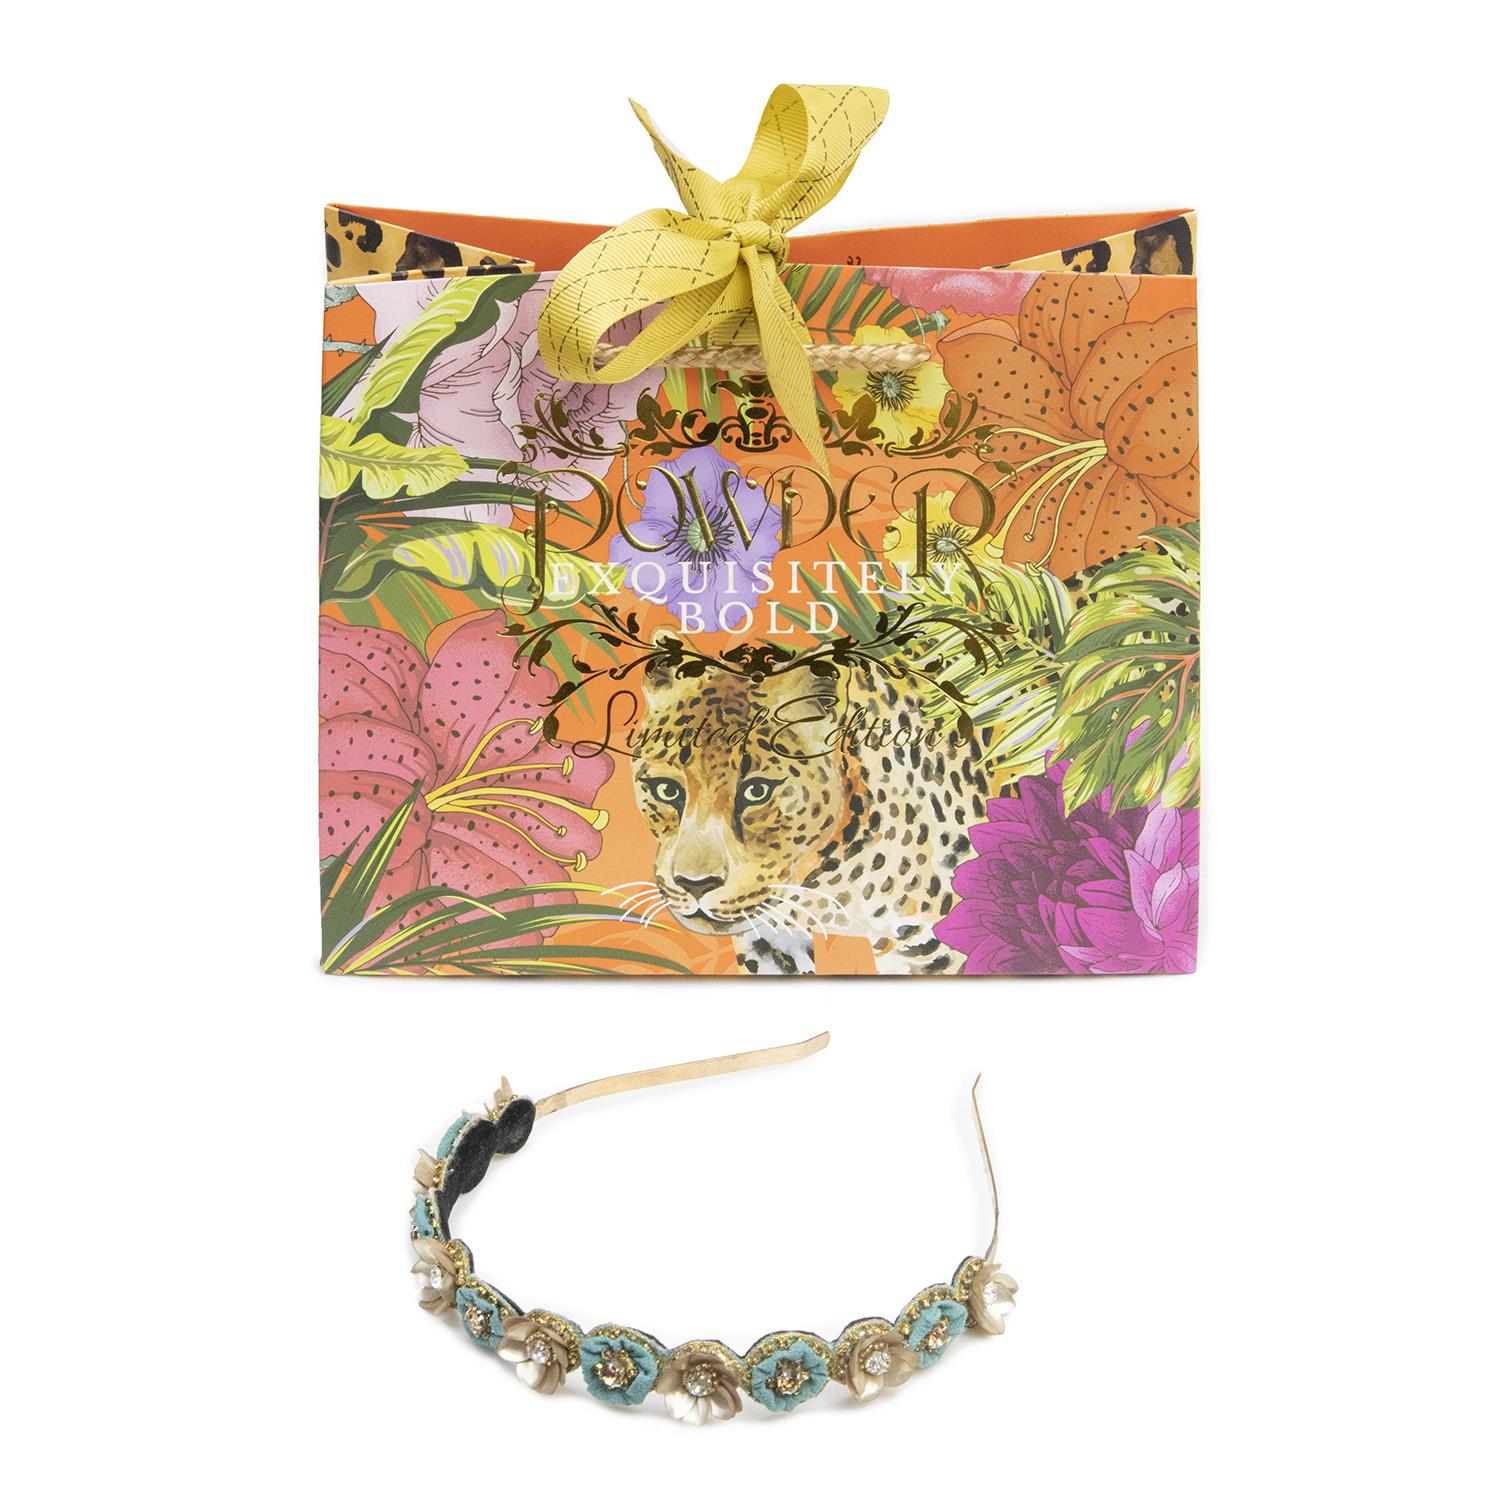 Powder – Teal Fleur Headband with Powder Presentation Gift Bag